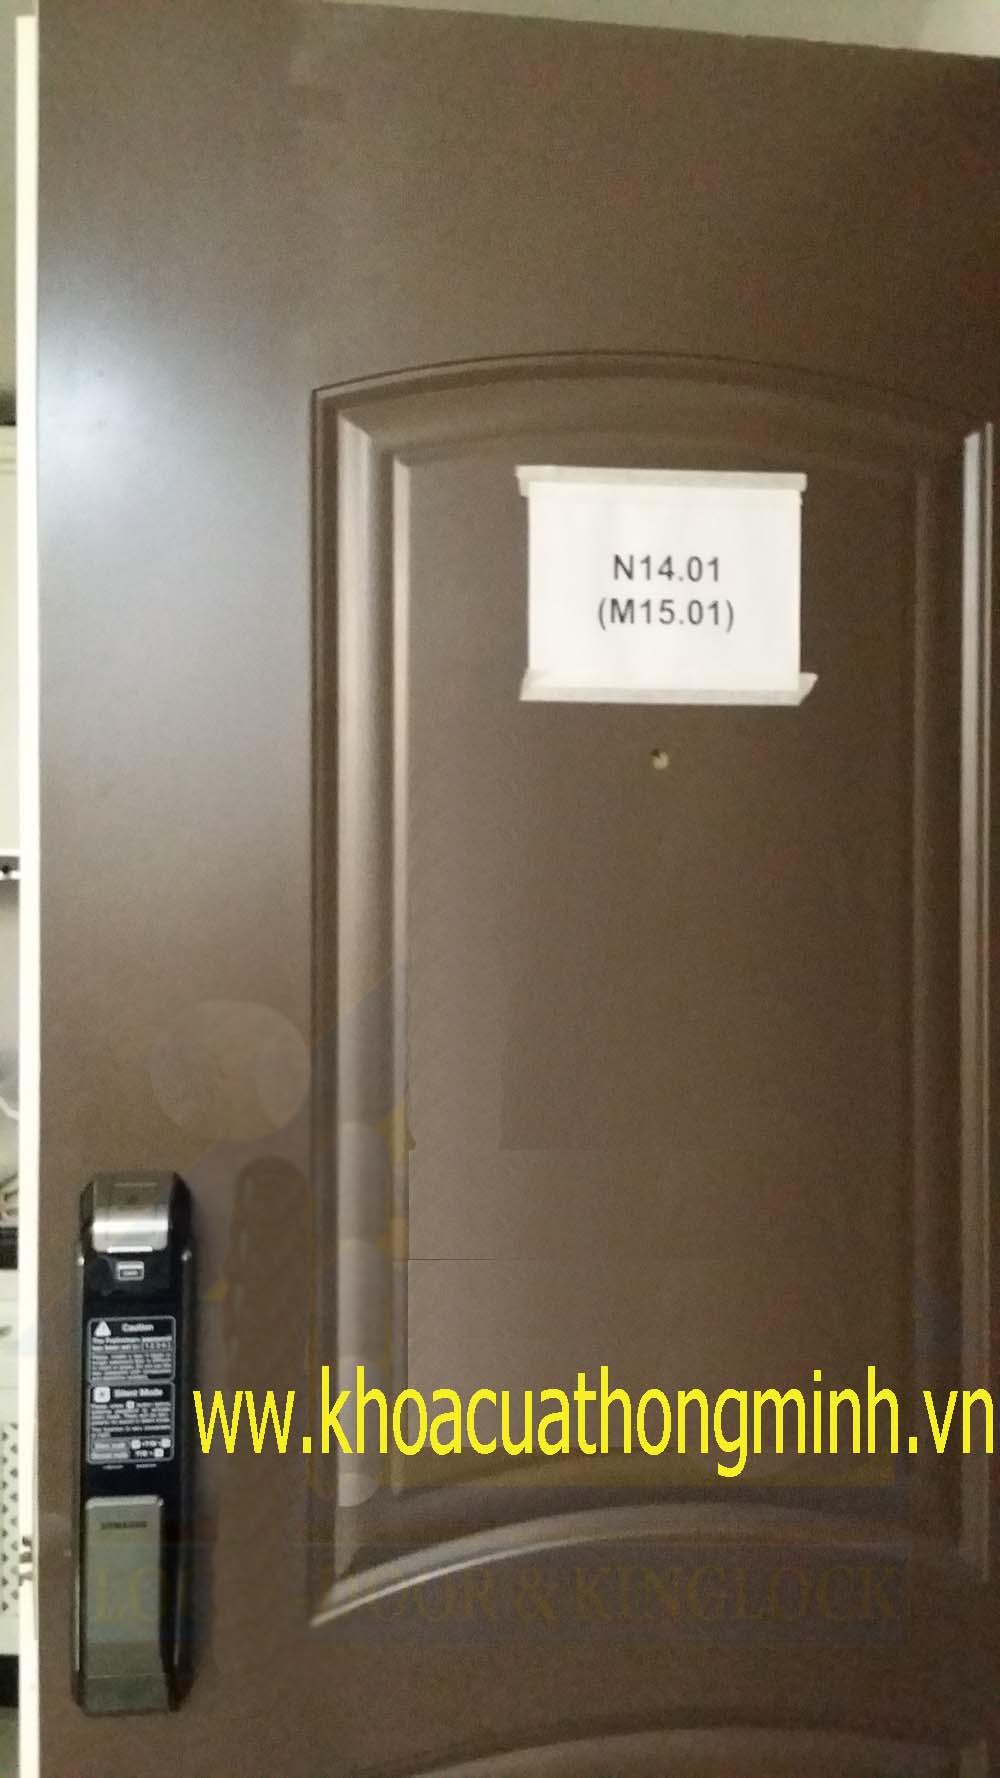 Lắp đặt khóa điện tử samsung P718 tại chung cư Happy Valey Q.7